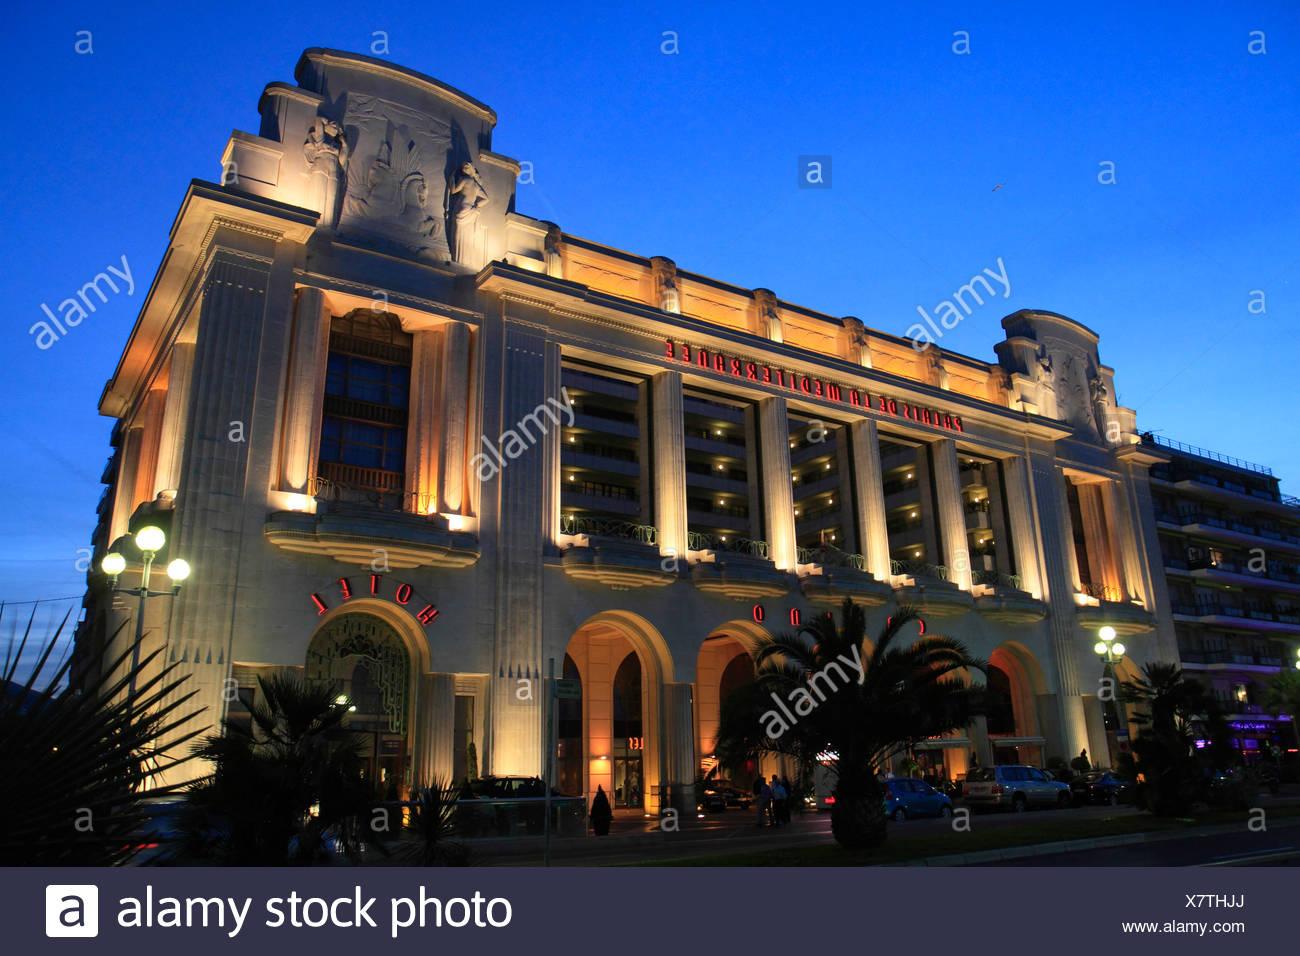 Hotel and Casino Palais de la Mediterranée, Promenade des Anglais, Nice, Département Alpes Maritimes, Région Provence Alpes Côte - Stock Image